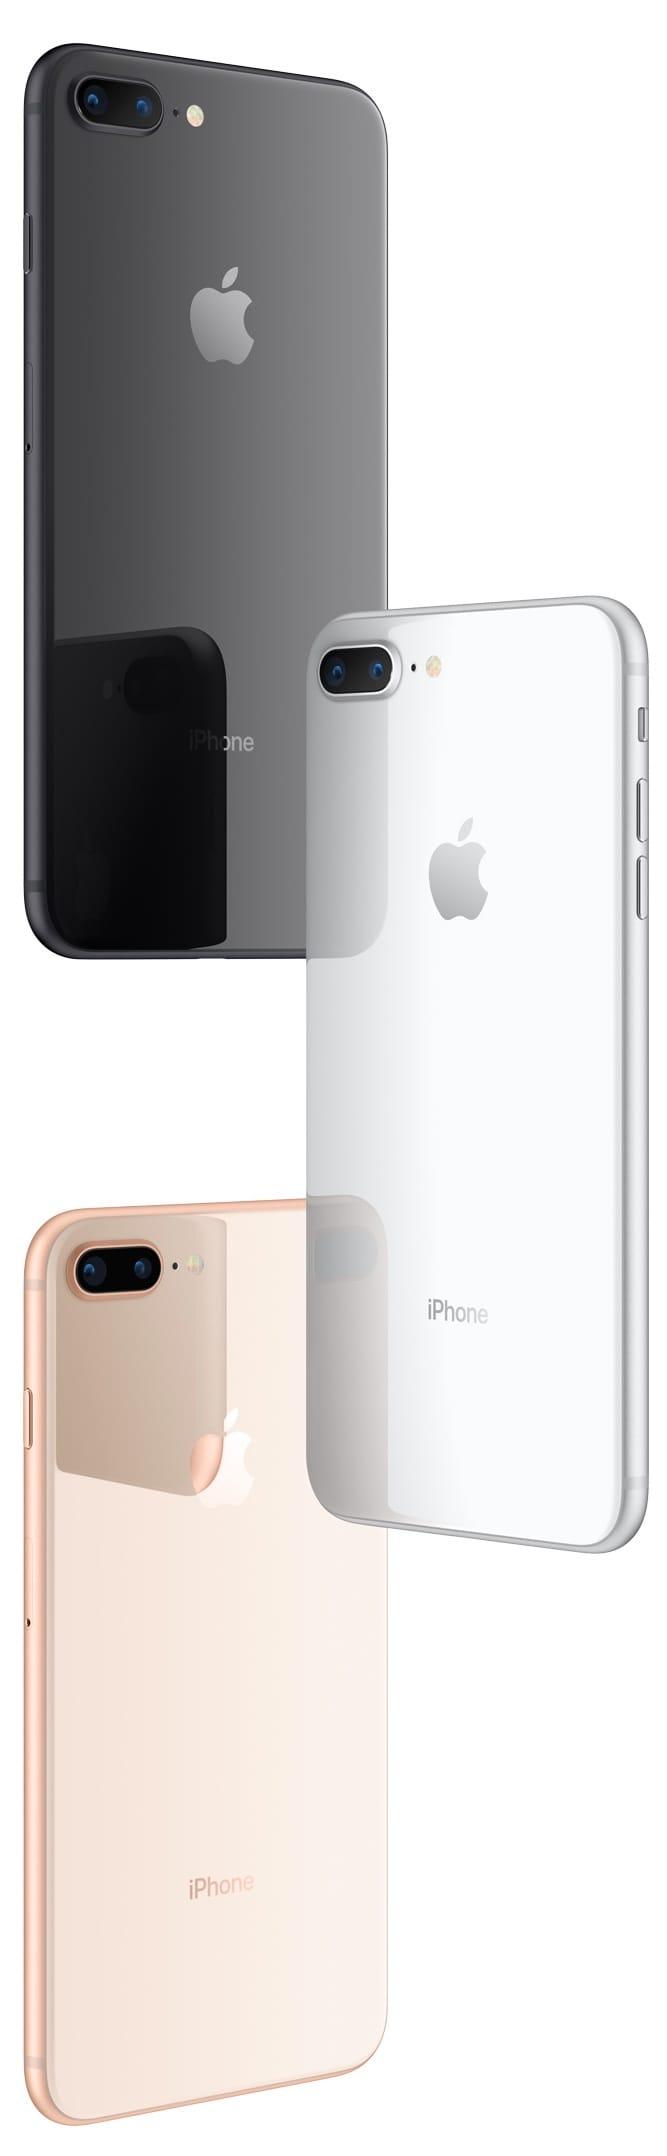 iPhone 8 и iPhone 8 Plus дизайн